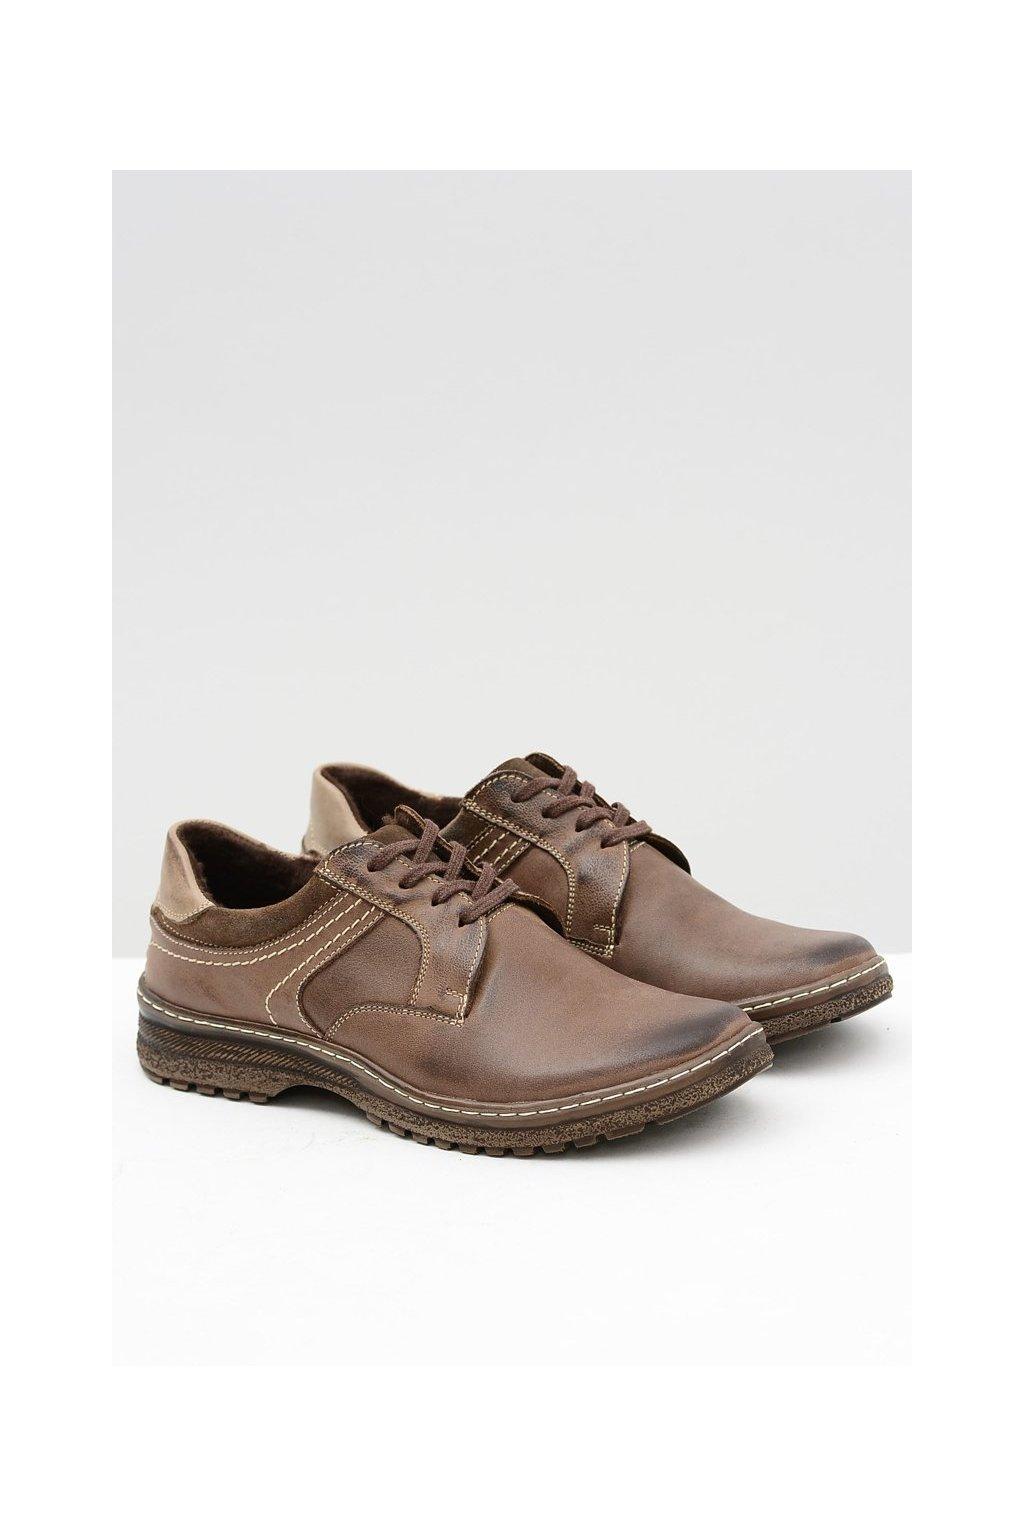 Hnedé kožené pánske teplé topánky Ernesto na zimu